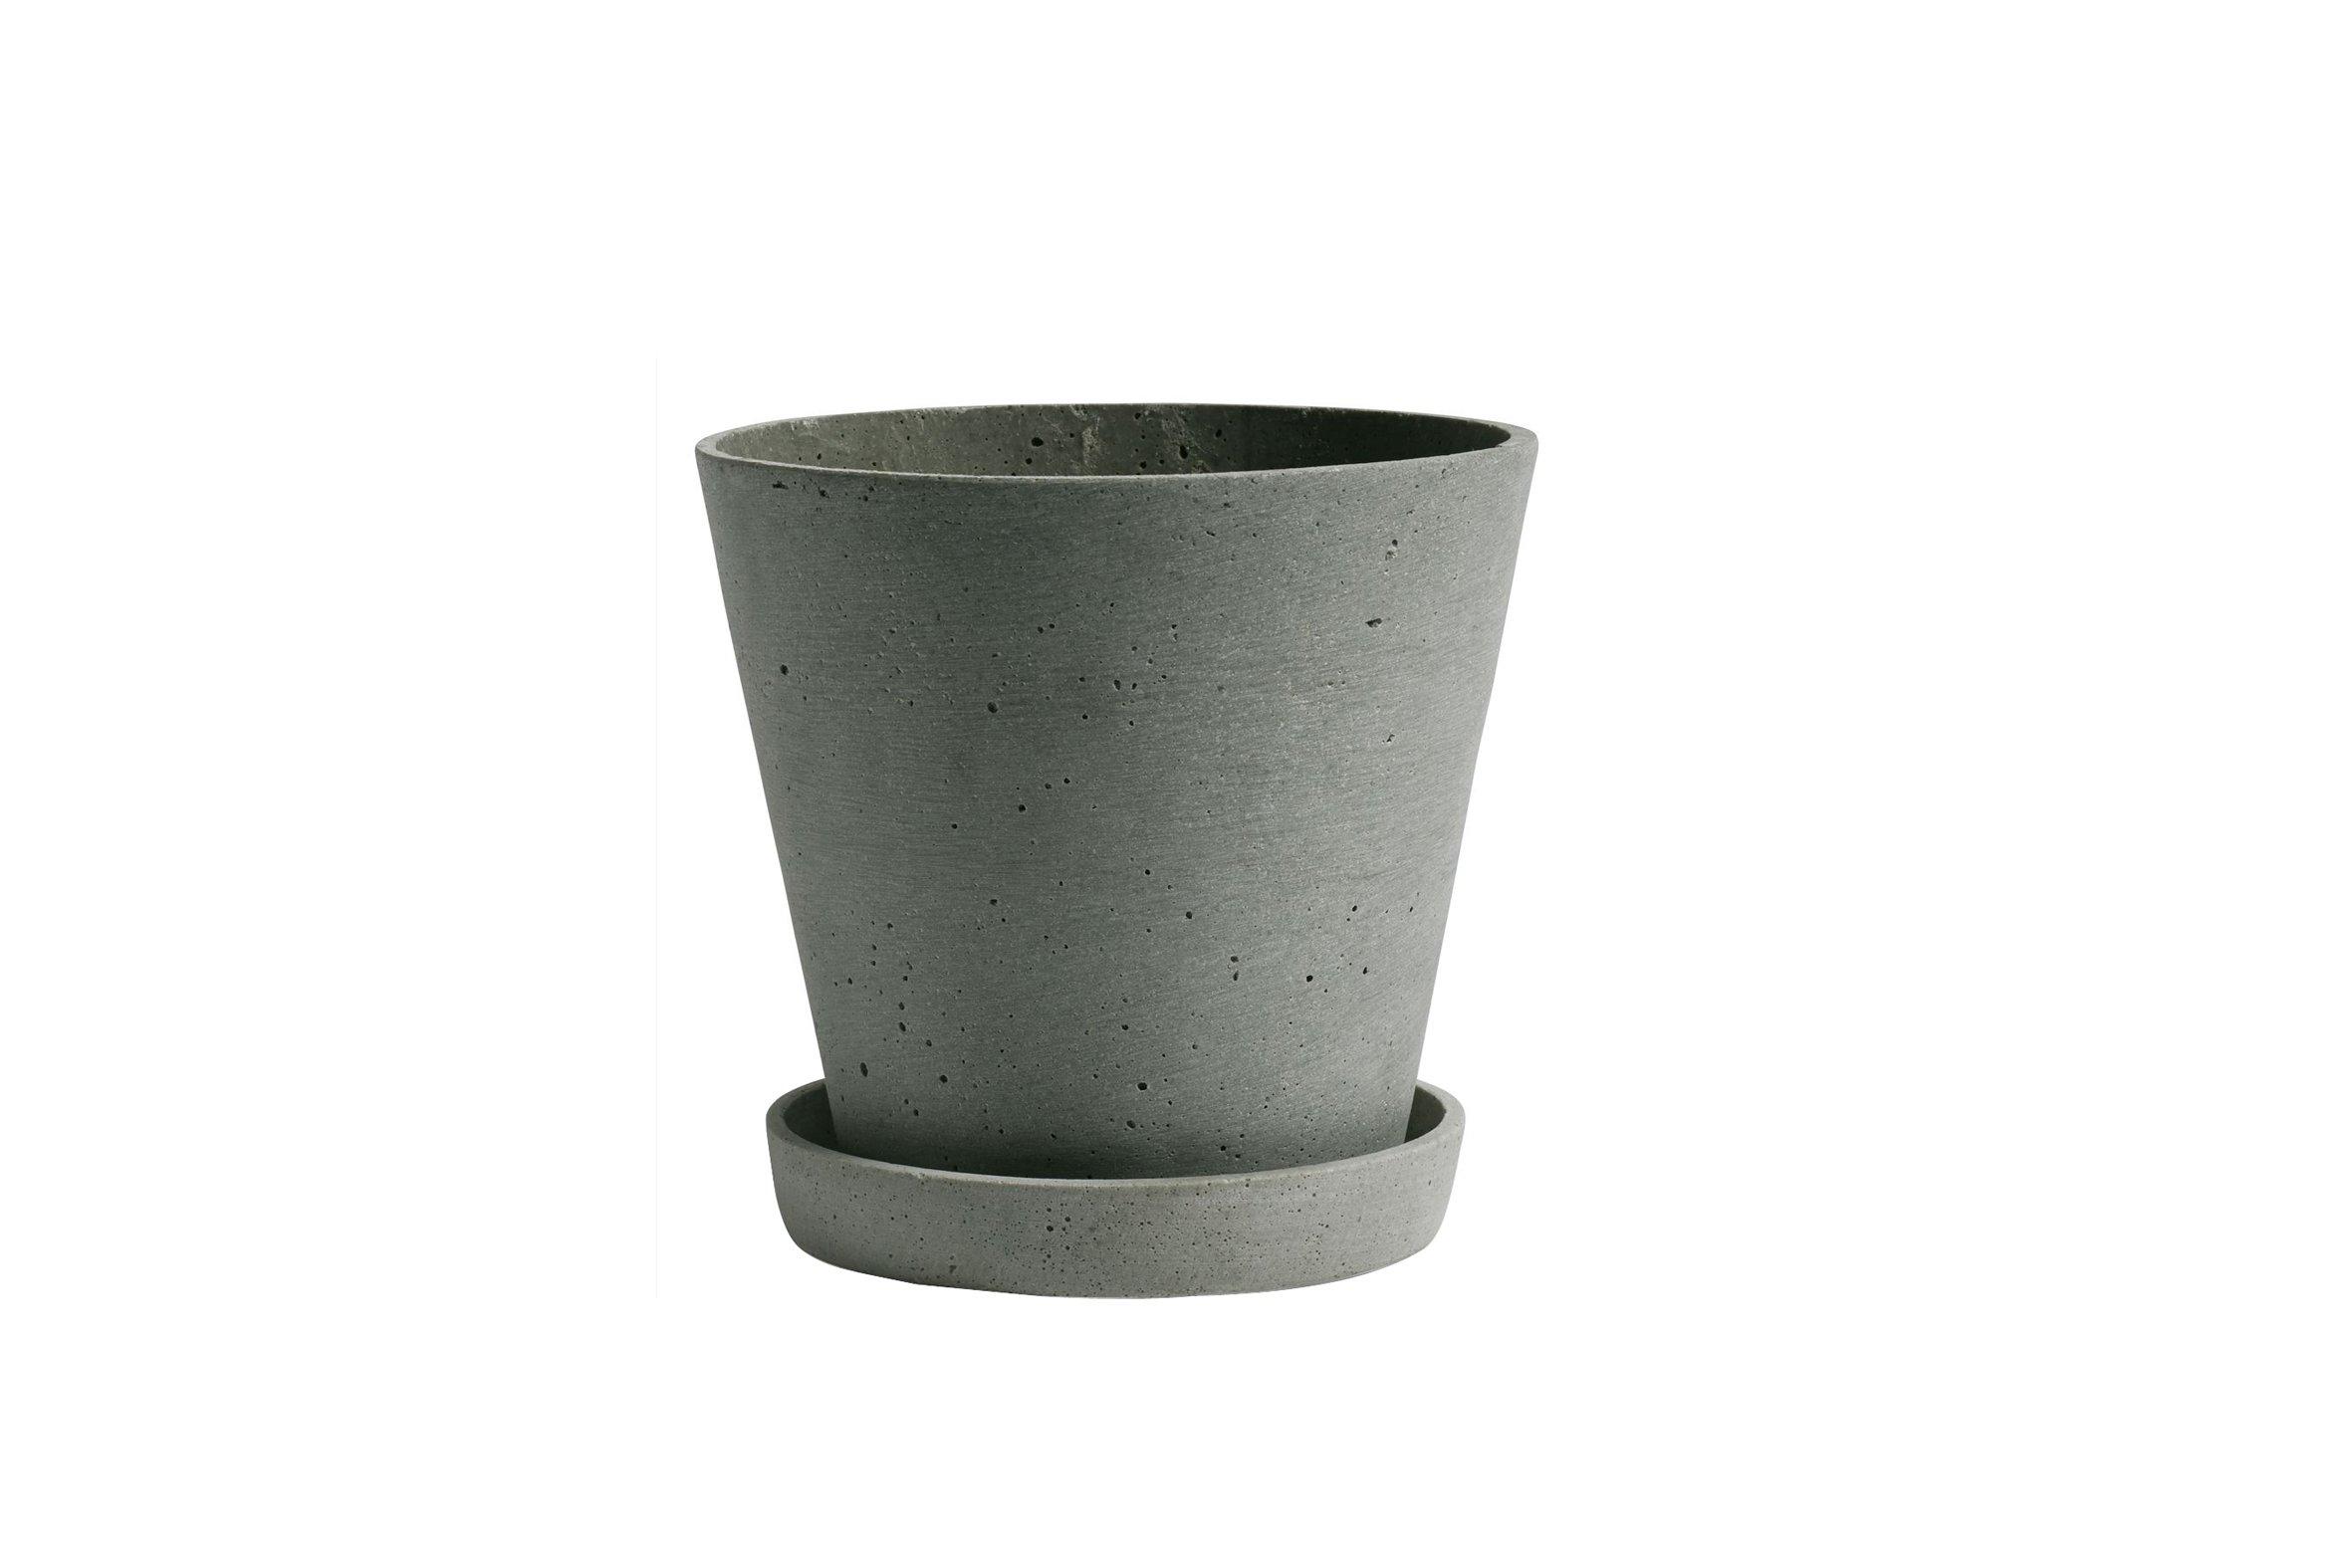 HAY - Flowerpot w/saucer Medium - Green